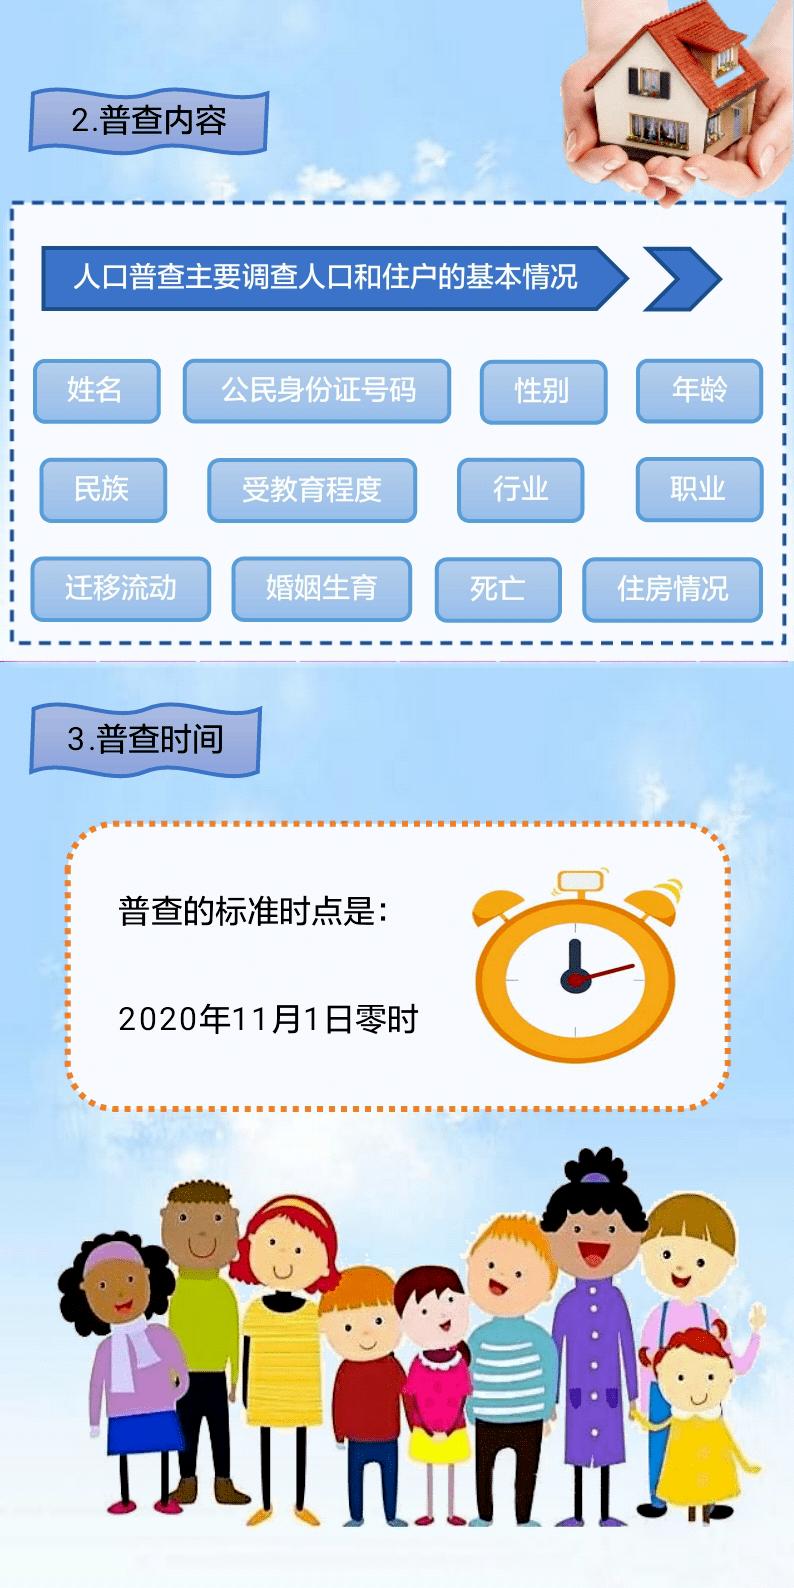 2020中国G人口_2020中国人口分布图